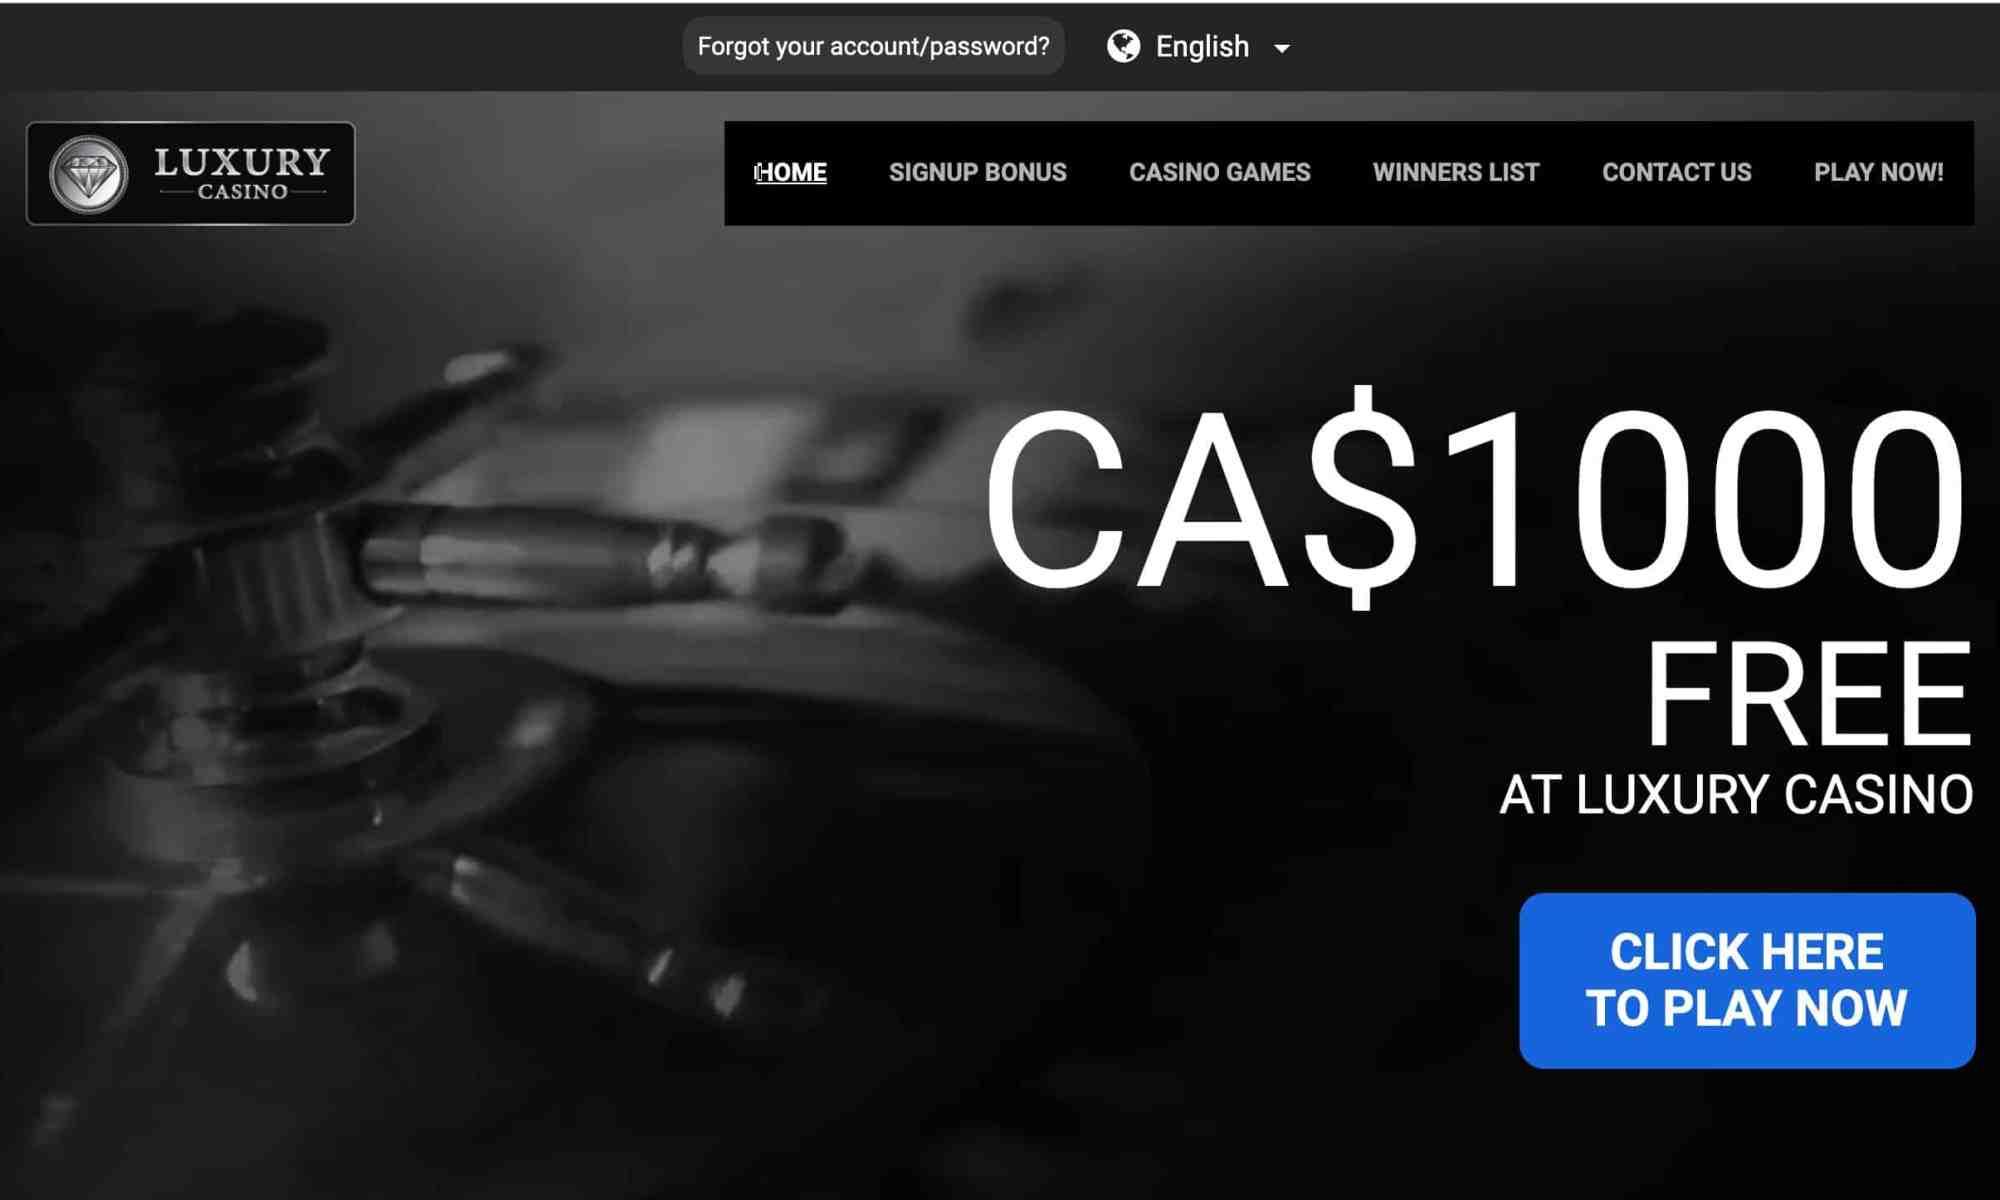 Luxury Casino - $1,000 free bonus in instant play games